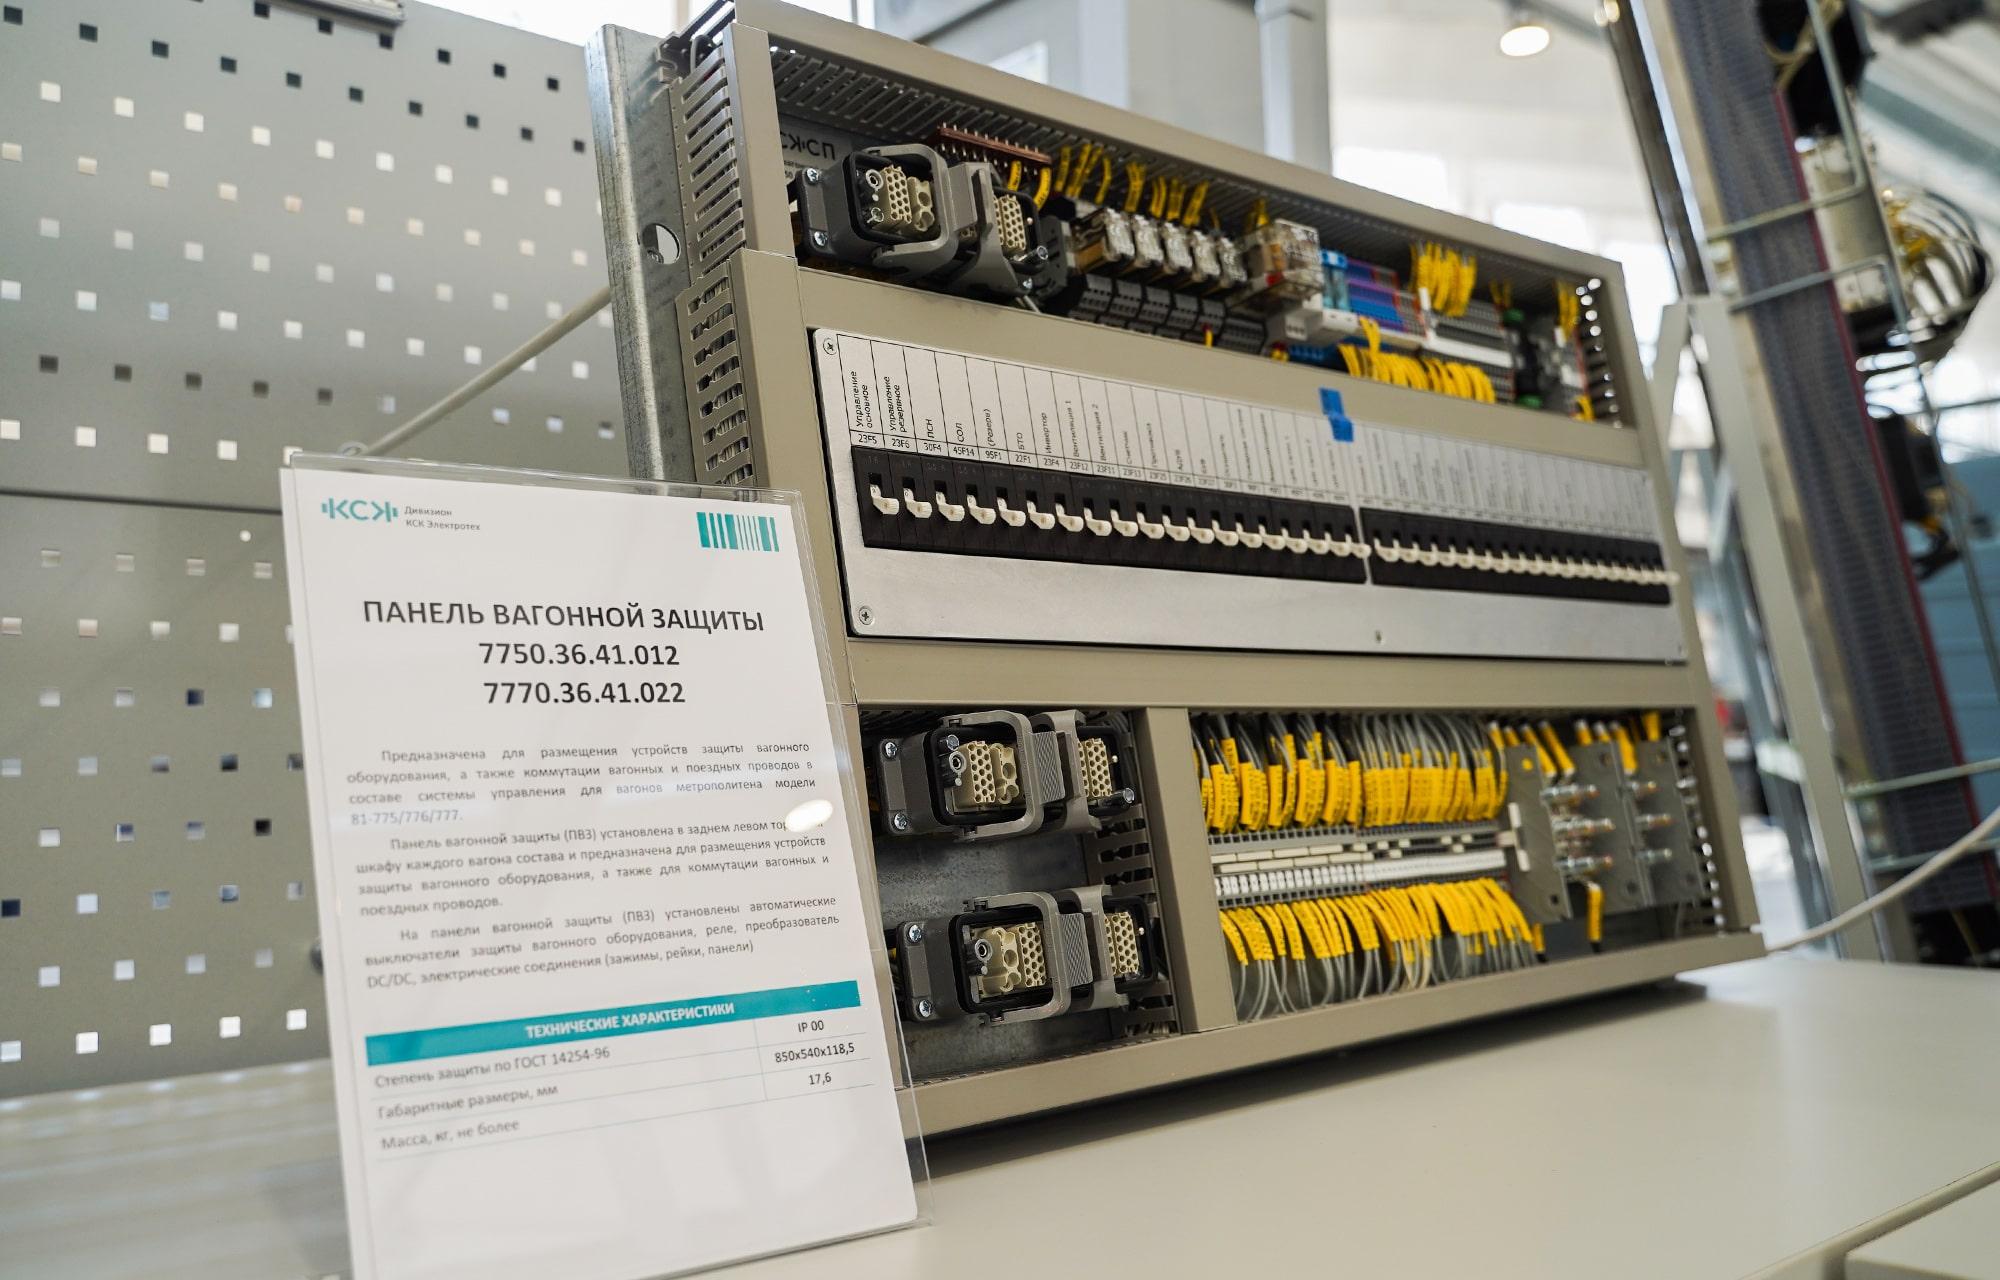 Премьер-министр России Михаил Мишустин высоко оценил разработки Промтехнопарка КСК в Твери